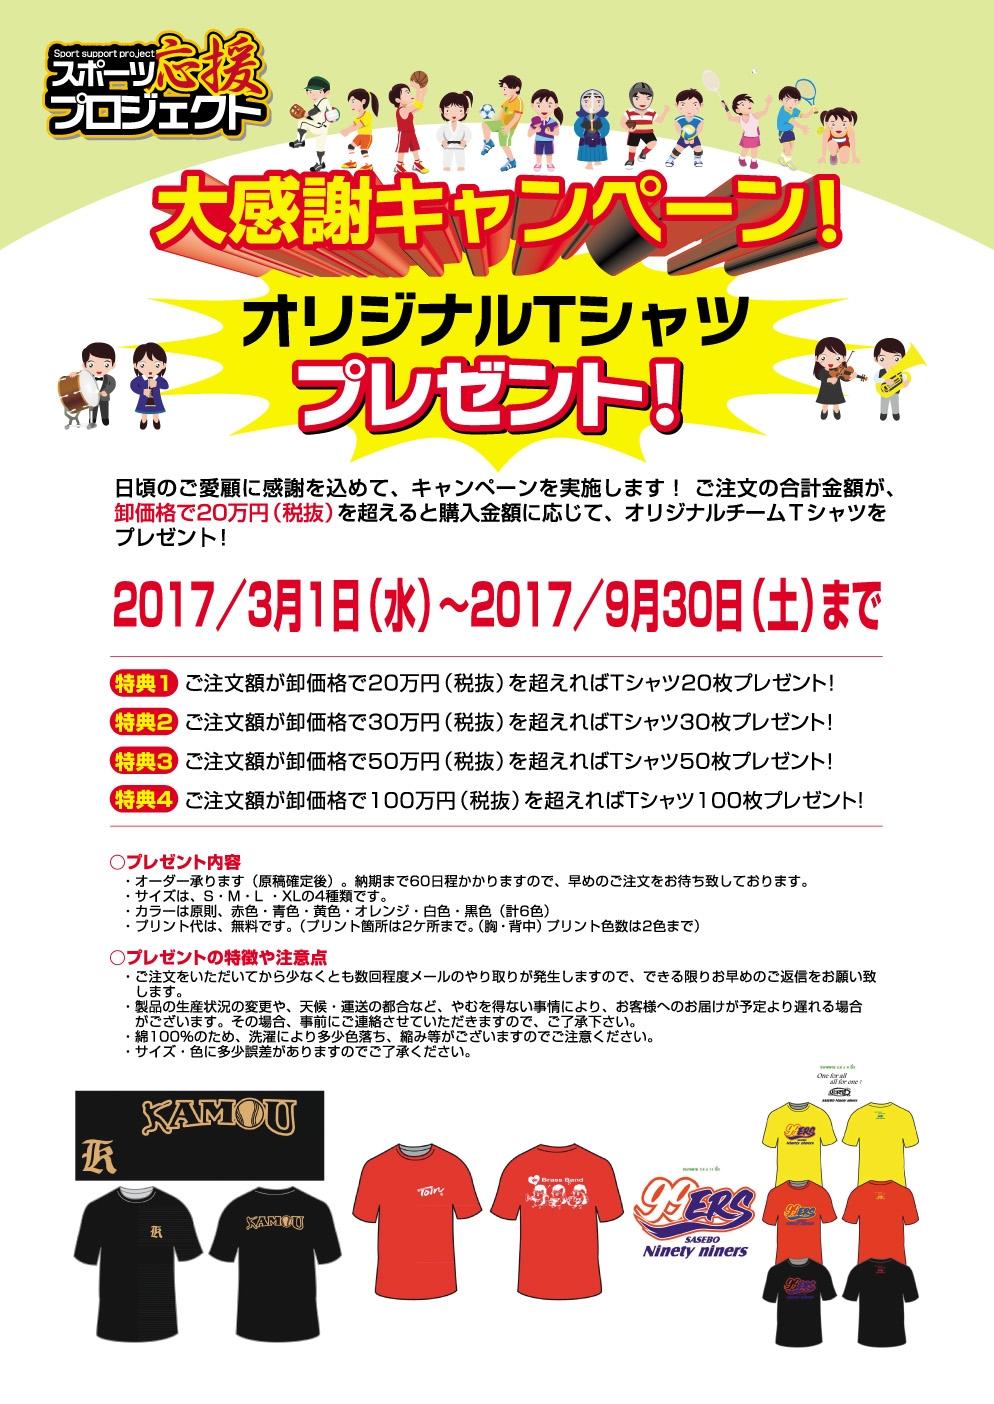 スポーツ応援プロジェクト大感謝キャンペーン!